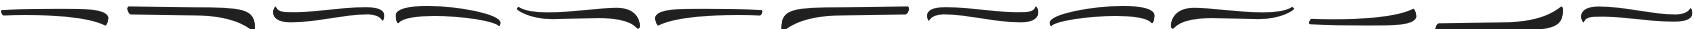 Specta Retro Script Swash otf (400) Font LOWERCASE